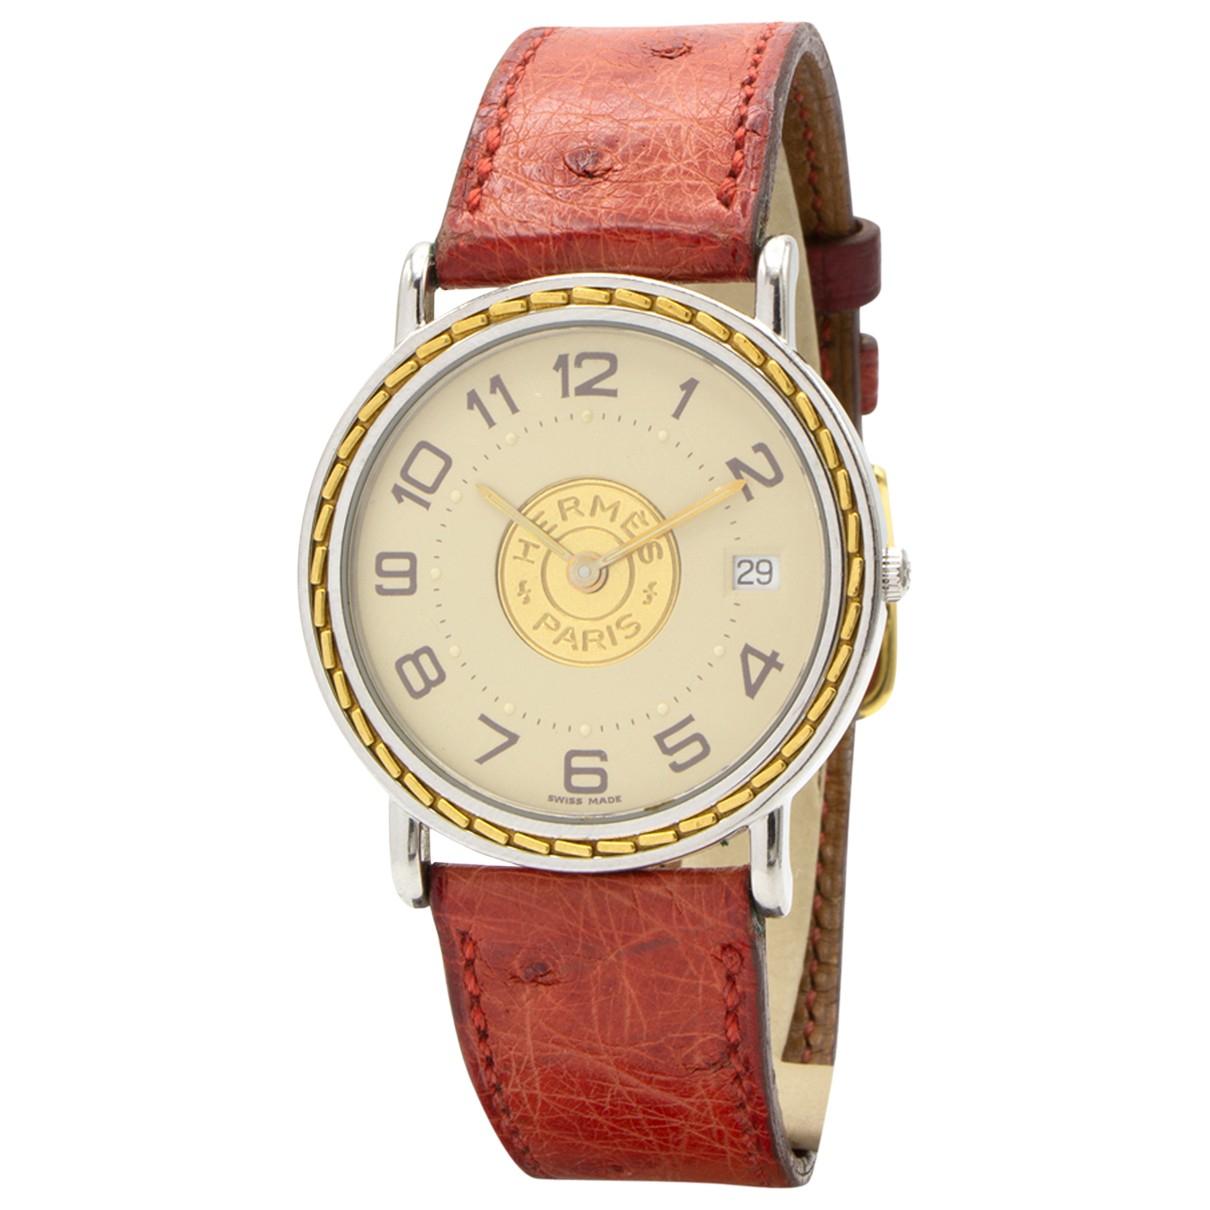 Hermes - Montre Sellier pour femme en or et acier - rouge